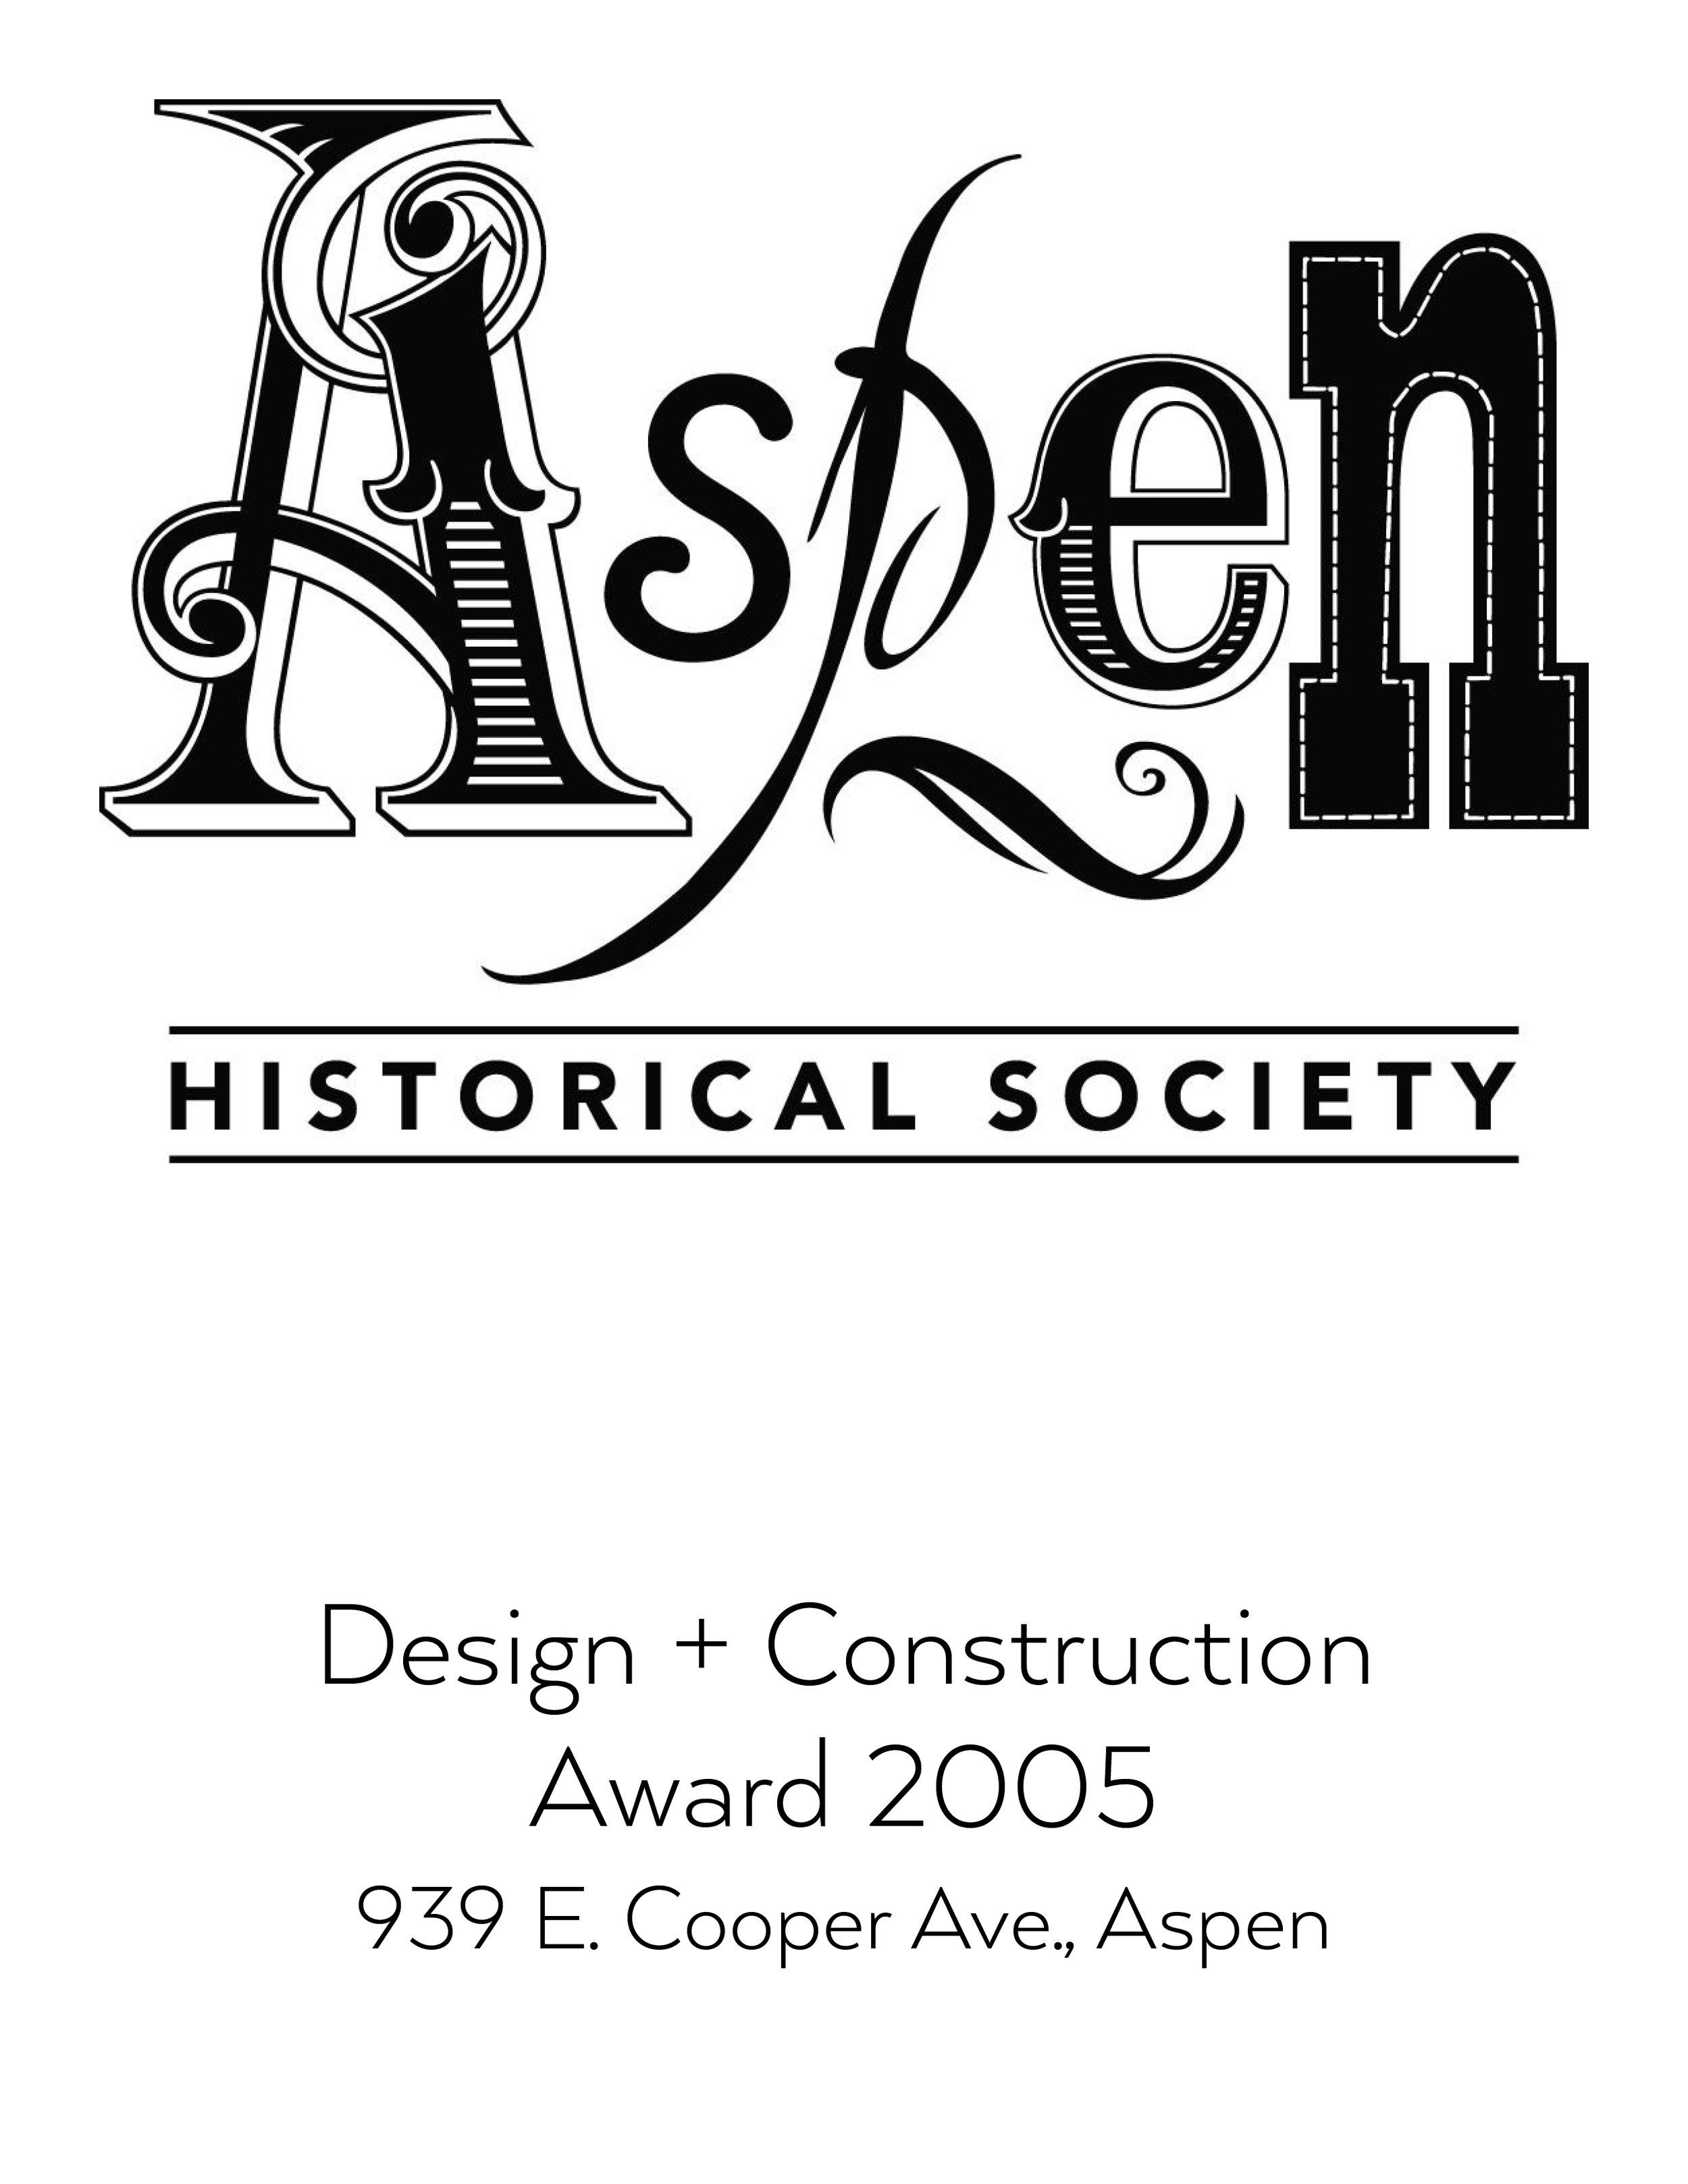 awards rcc aspen3.jpg